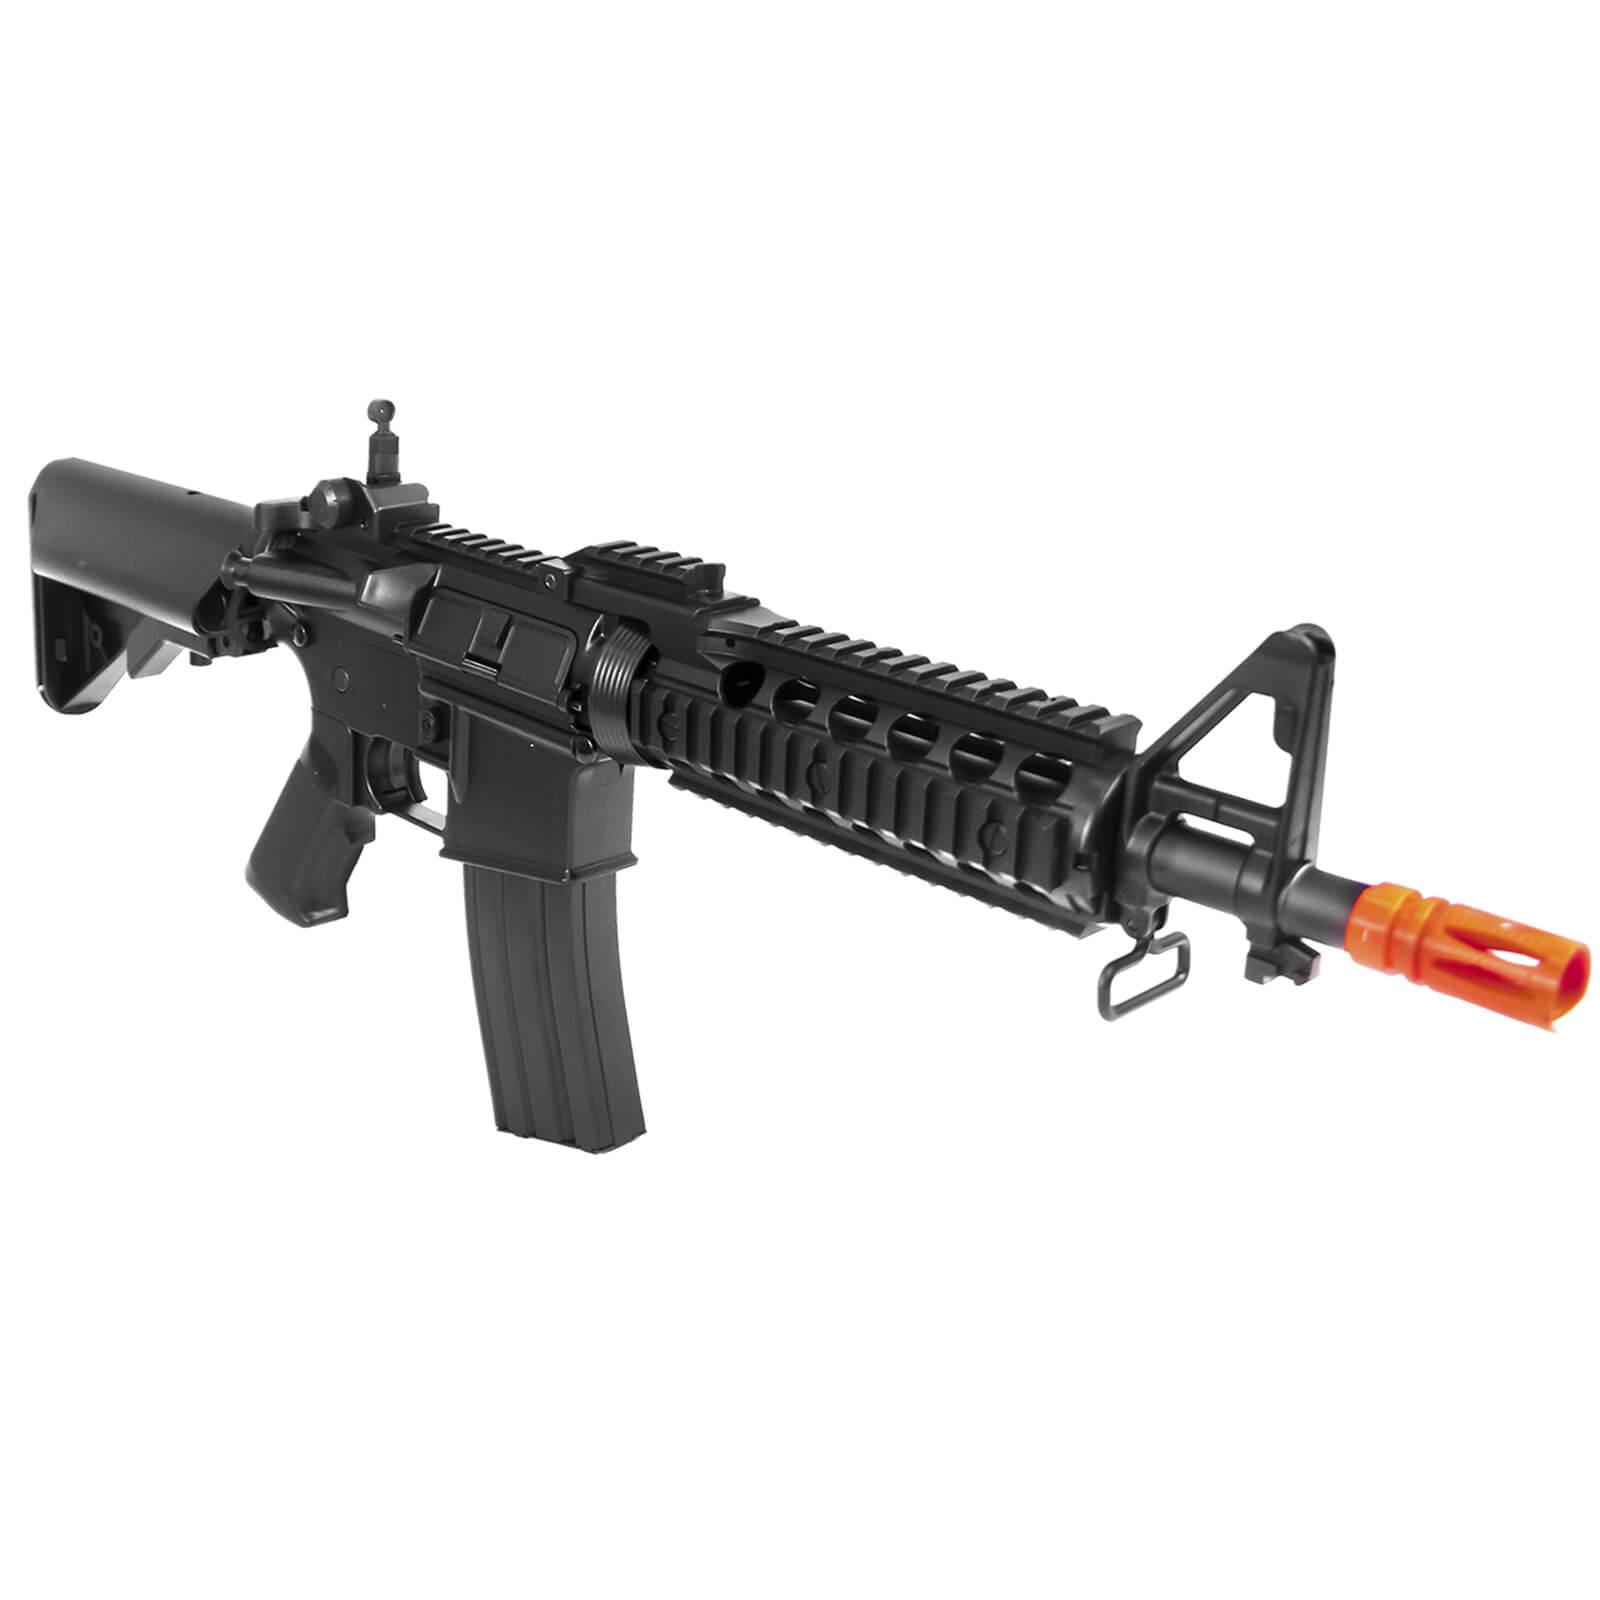 Rifle Airsoft Cyma M4 CM505 124m/s 6mm Elétrica